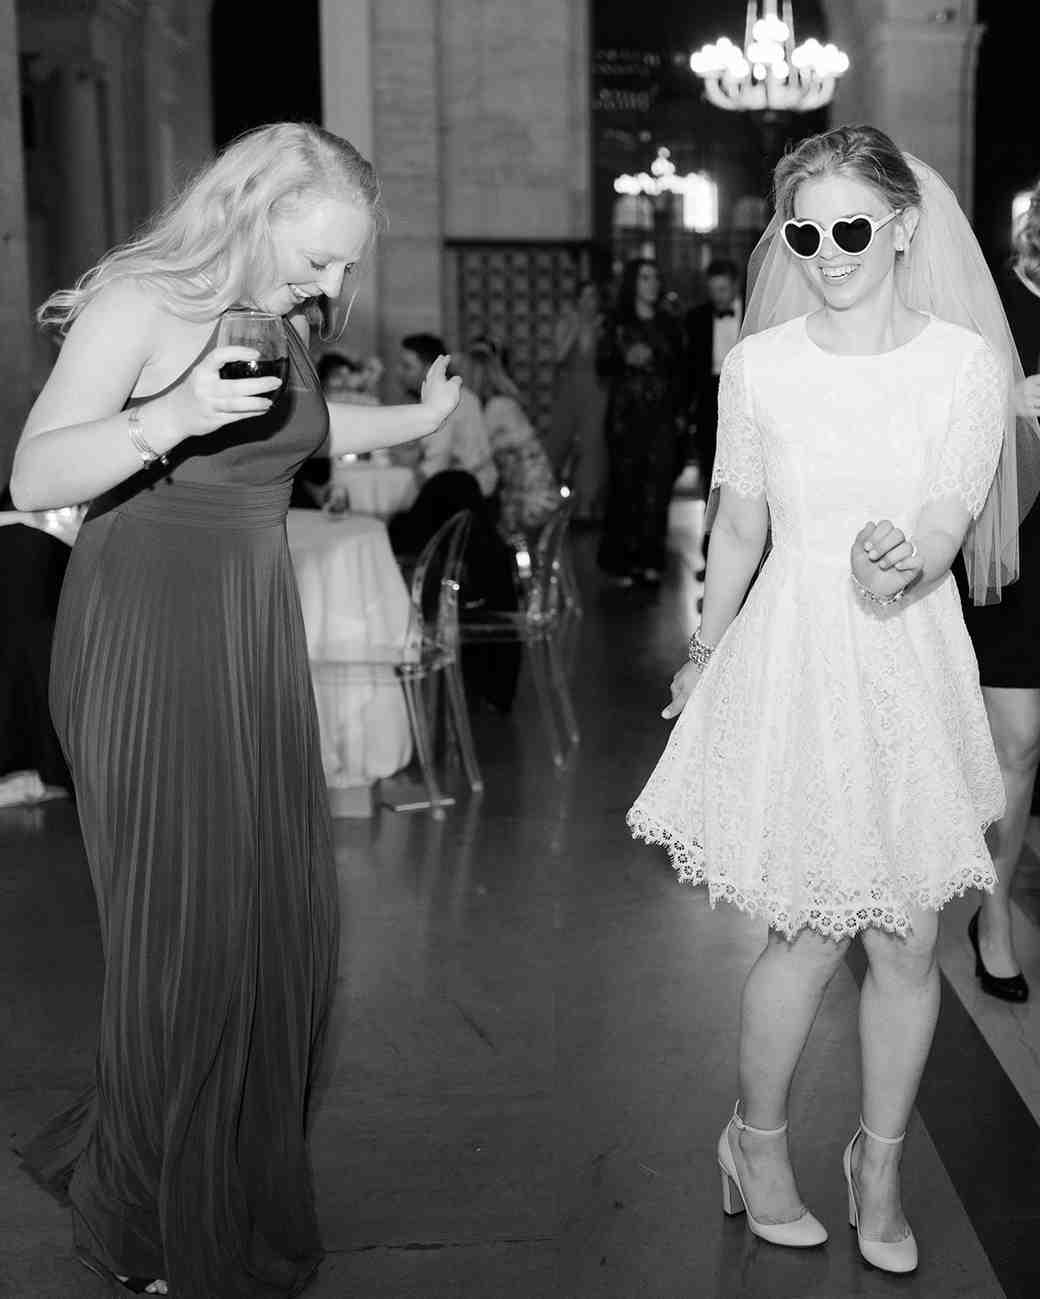 wedding reception dresses short lace a-line gown